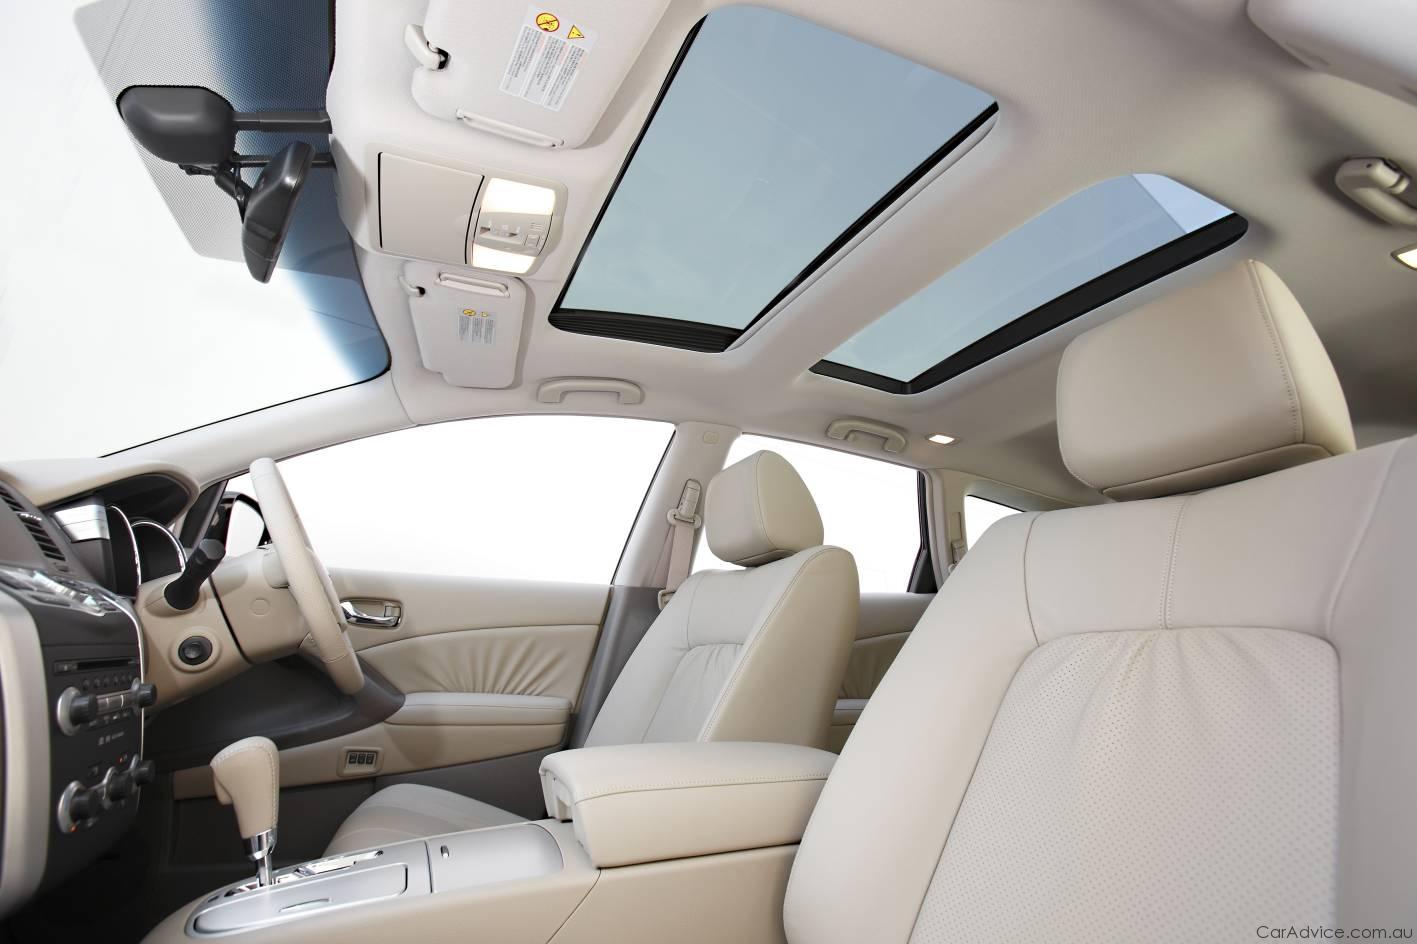 2010 Nissan Murano Updated